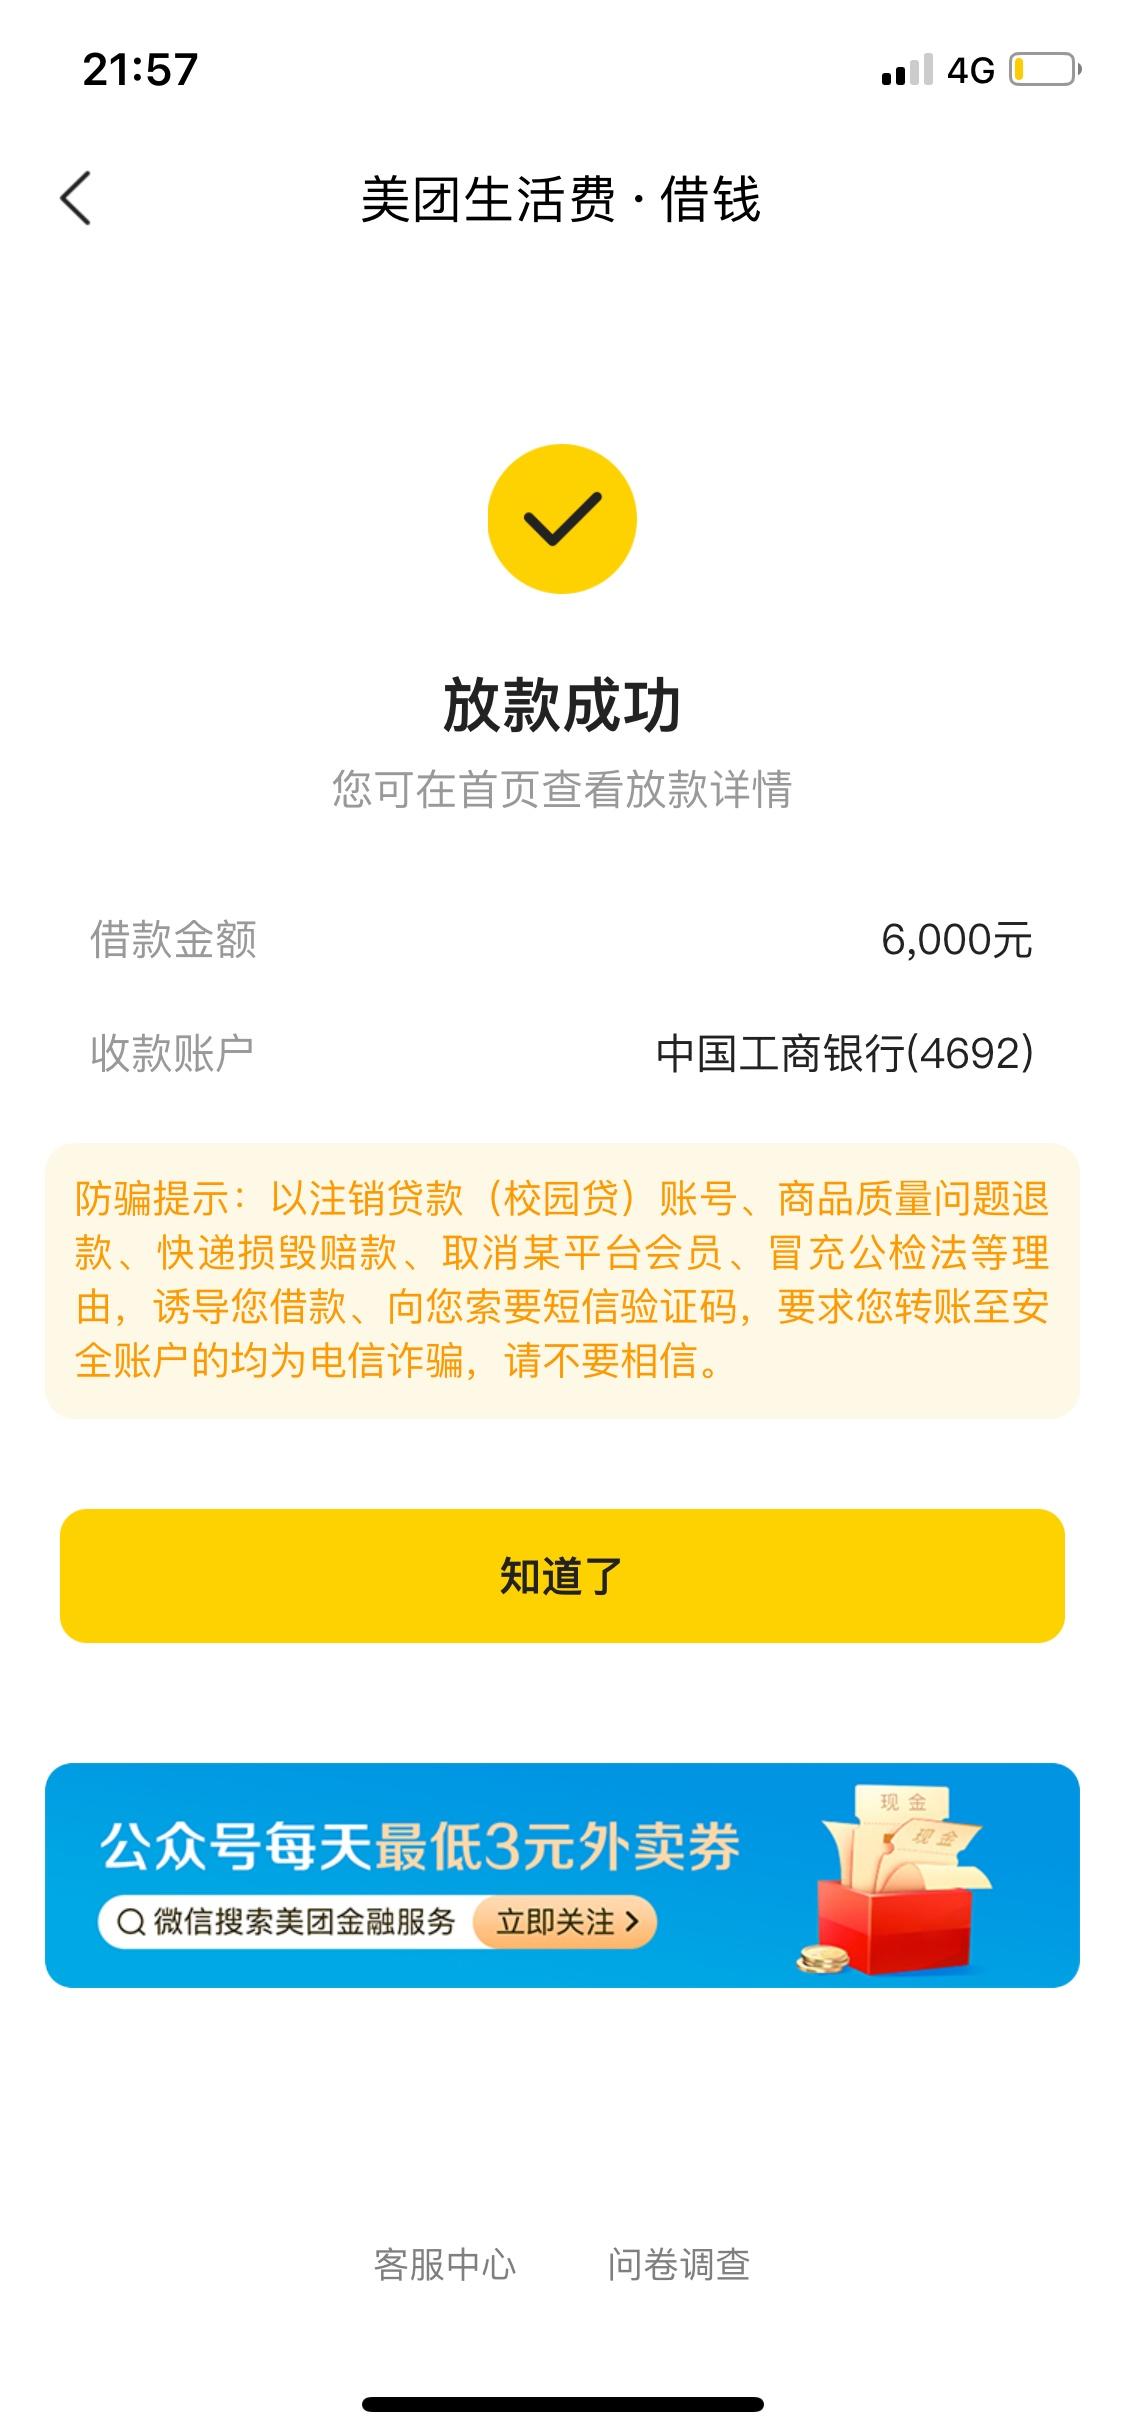 美团借钱 6000  从审核到下款5分钟的时间92 / 作者:还好么? /